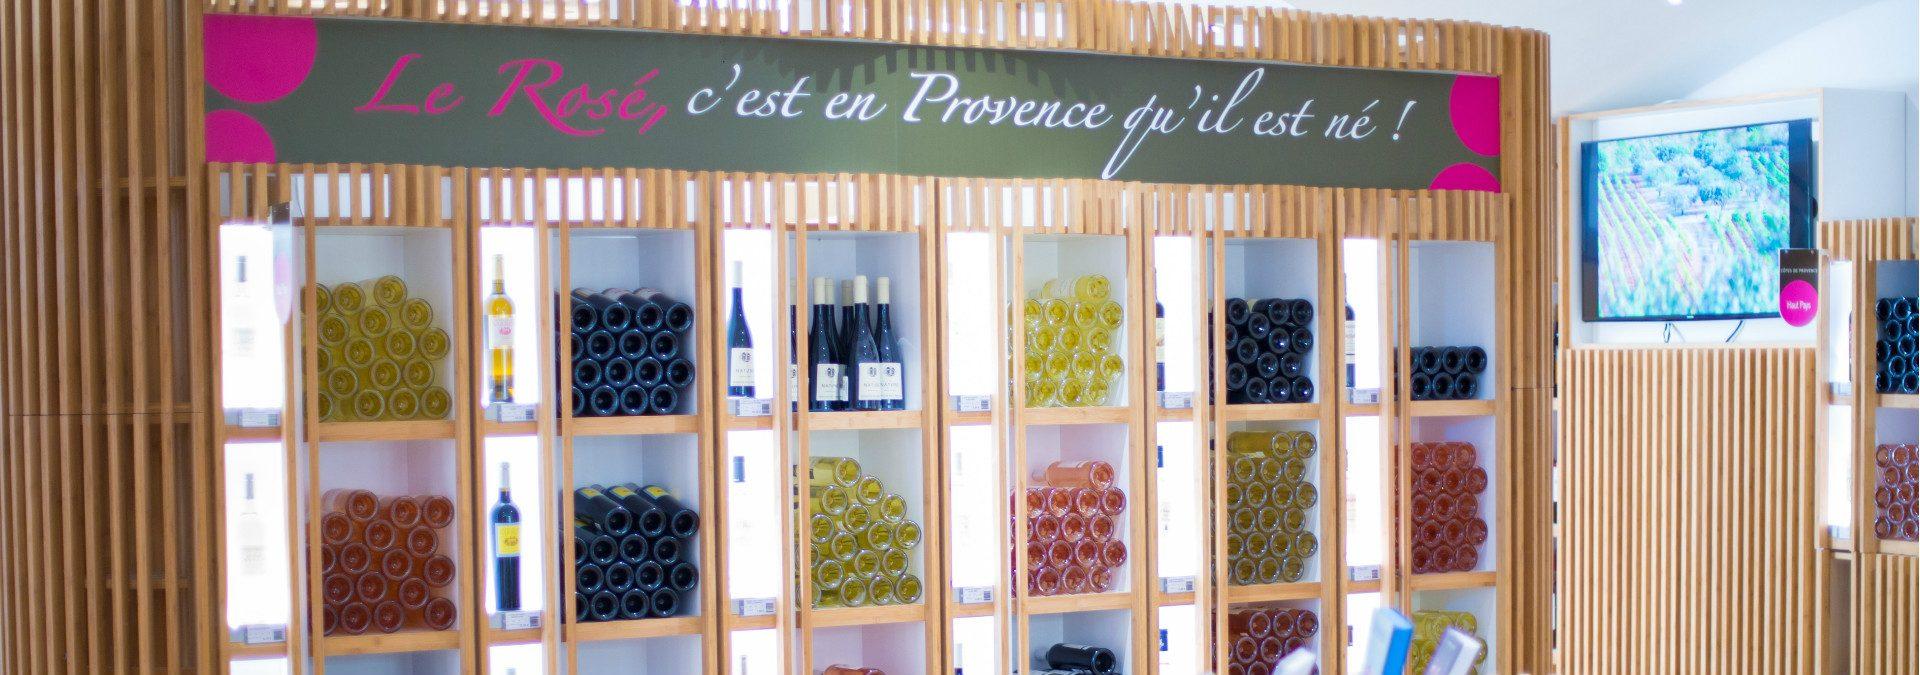 Maison des vins Côtes de Provence